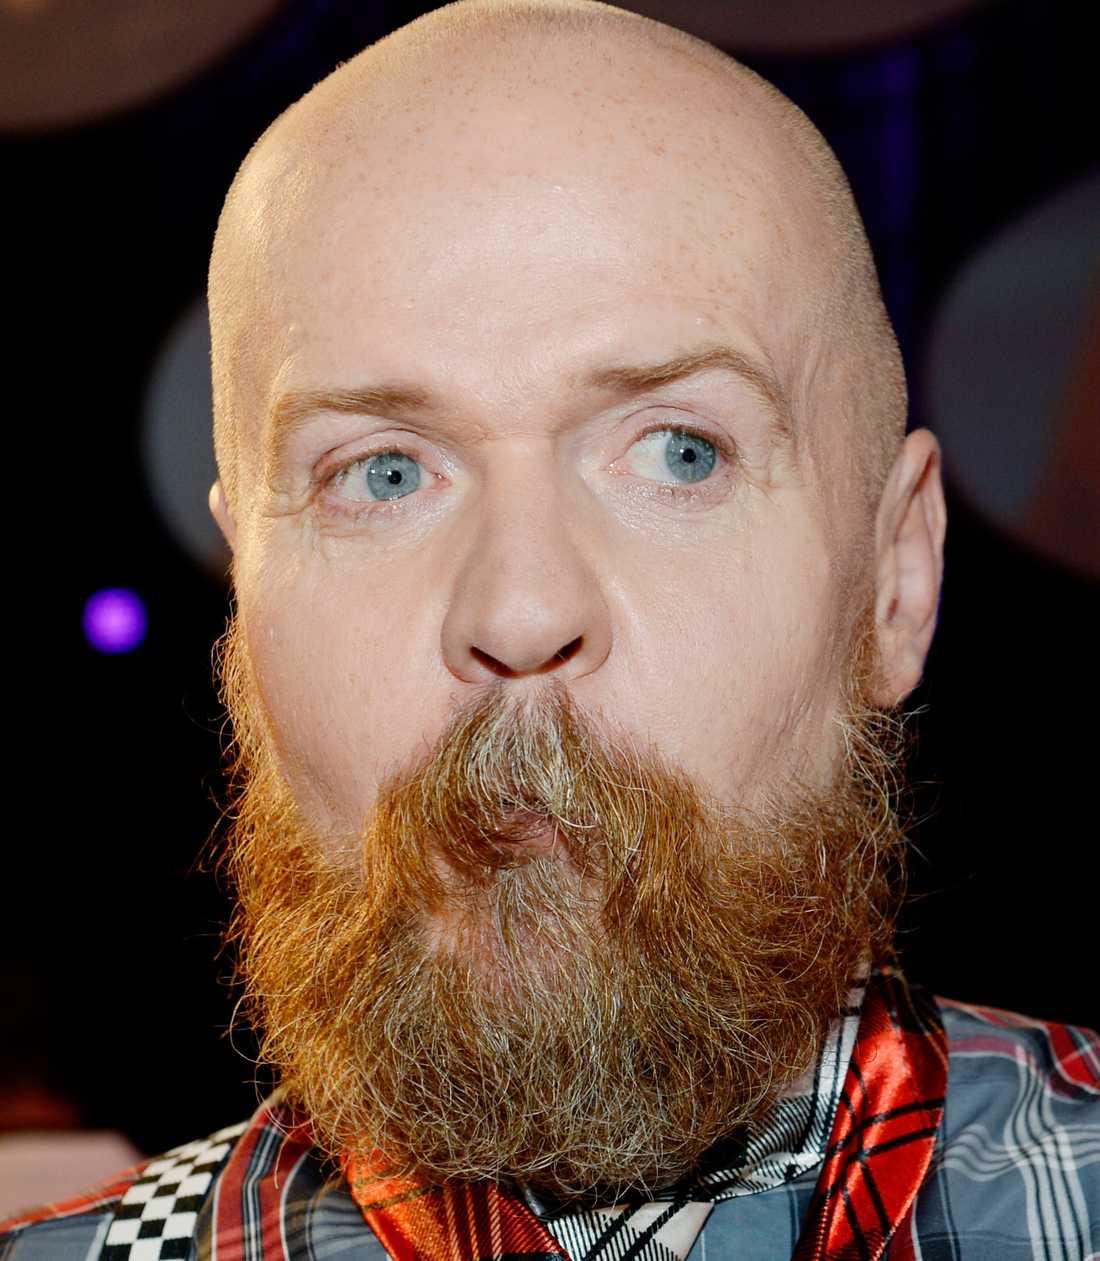 Ryska skägget Alexander Bard imponerar stort med sin ryskinspirerade skäggväxt.